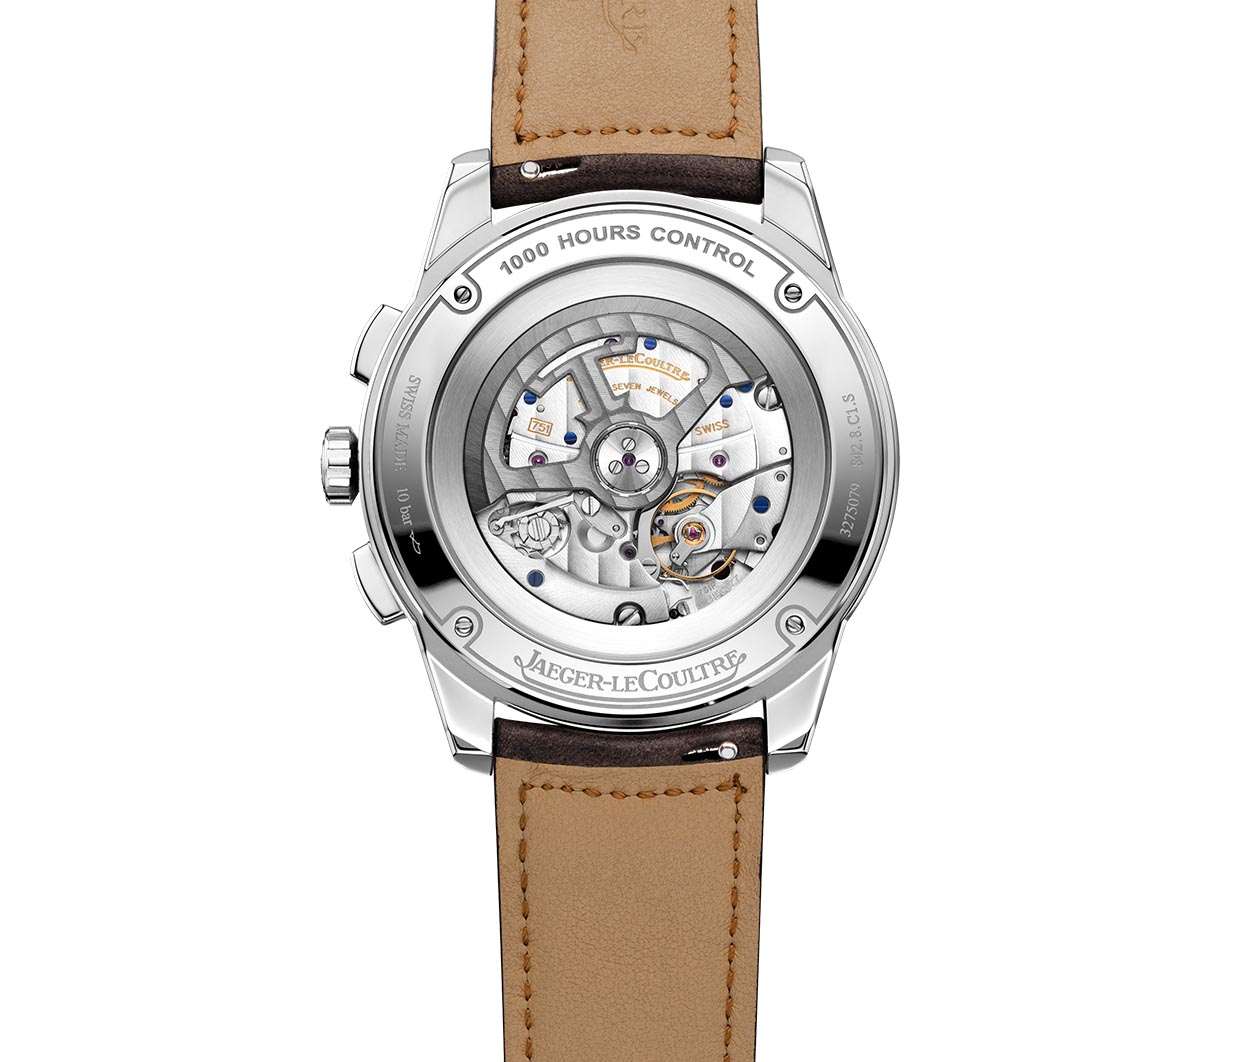 JaegerLeCoultre Polaris Chronograph 9028480 Carousel 3 FINAL